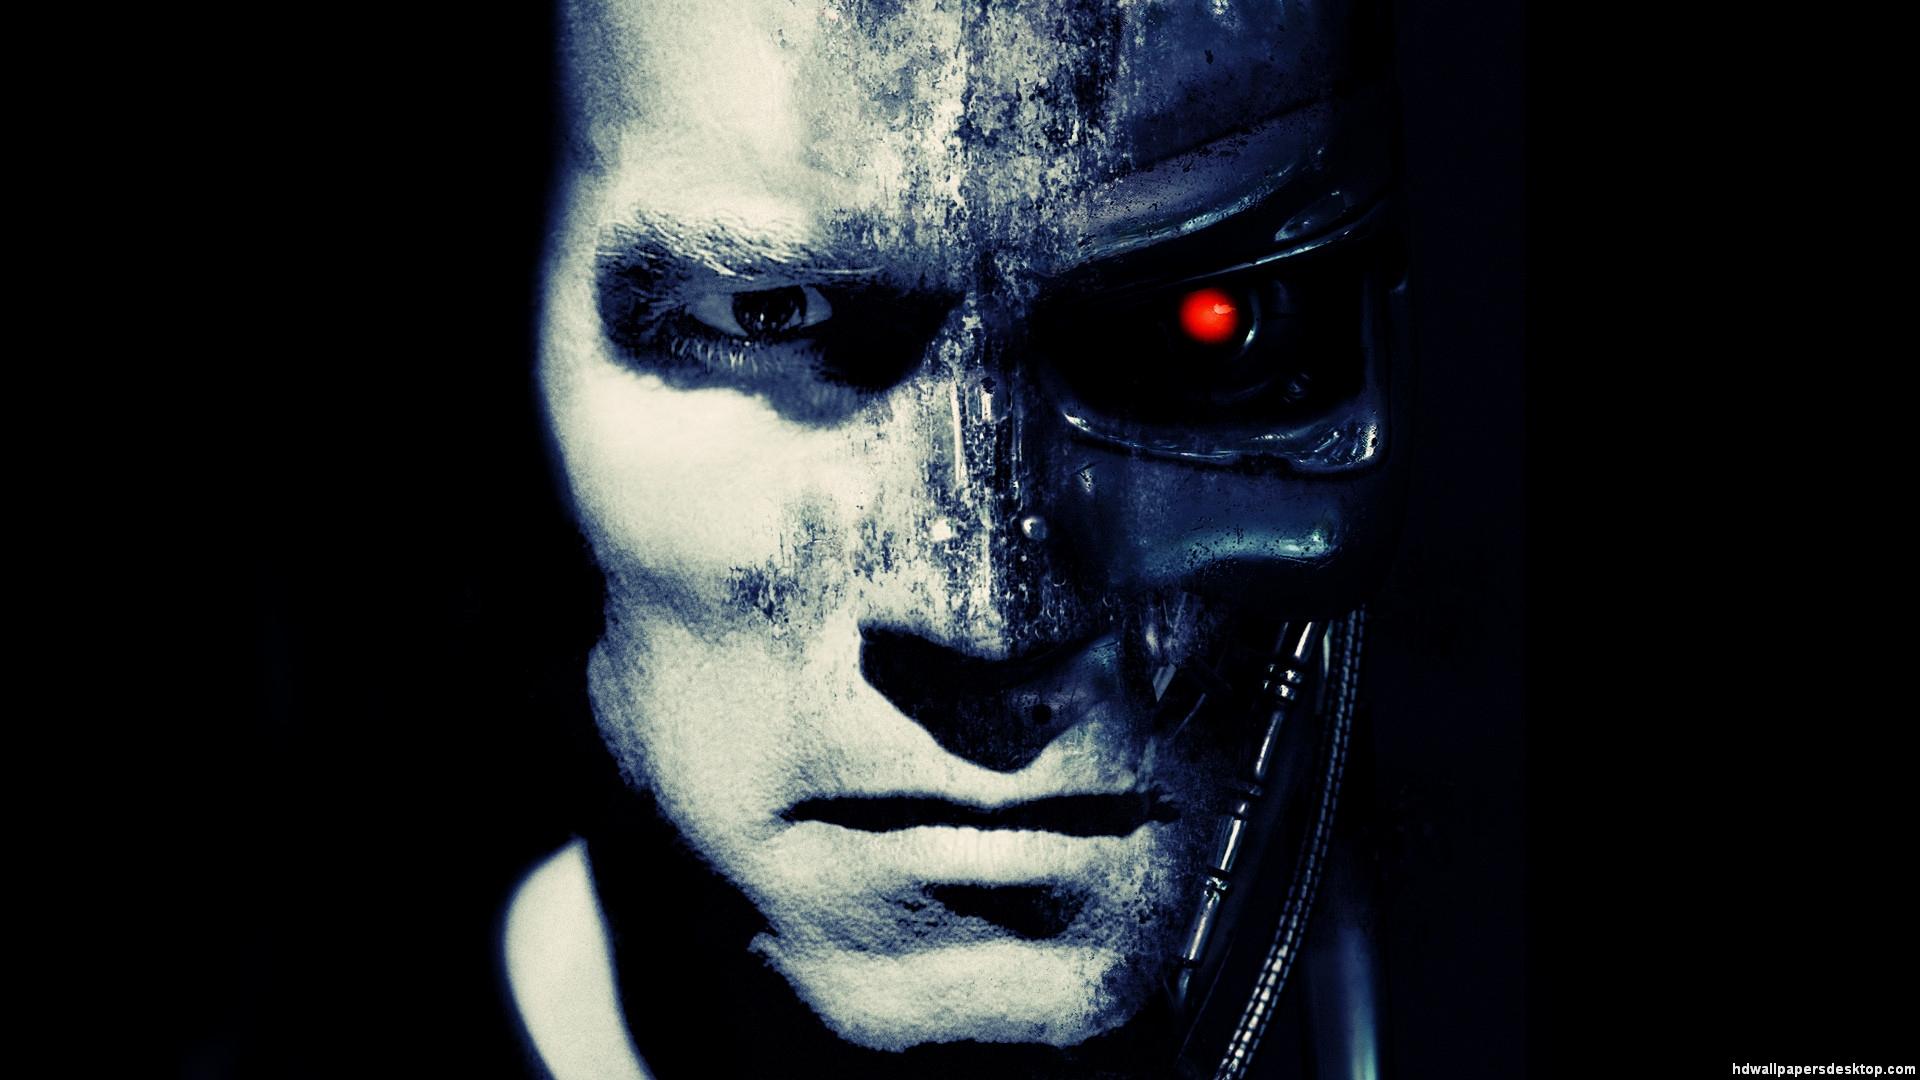 Terminator Salvation Wallpaper Hd Wallpapersafari